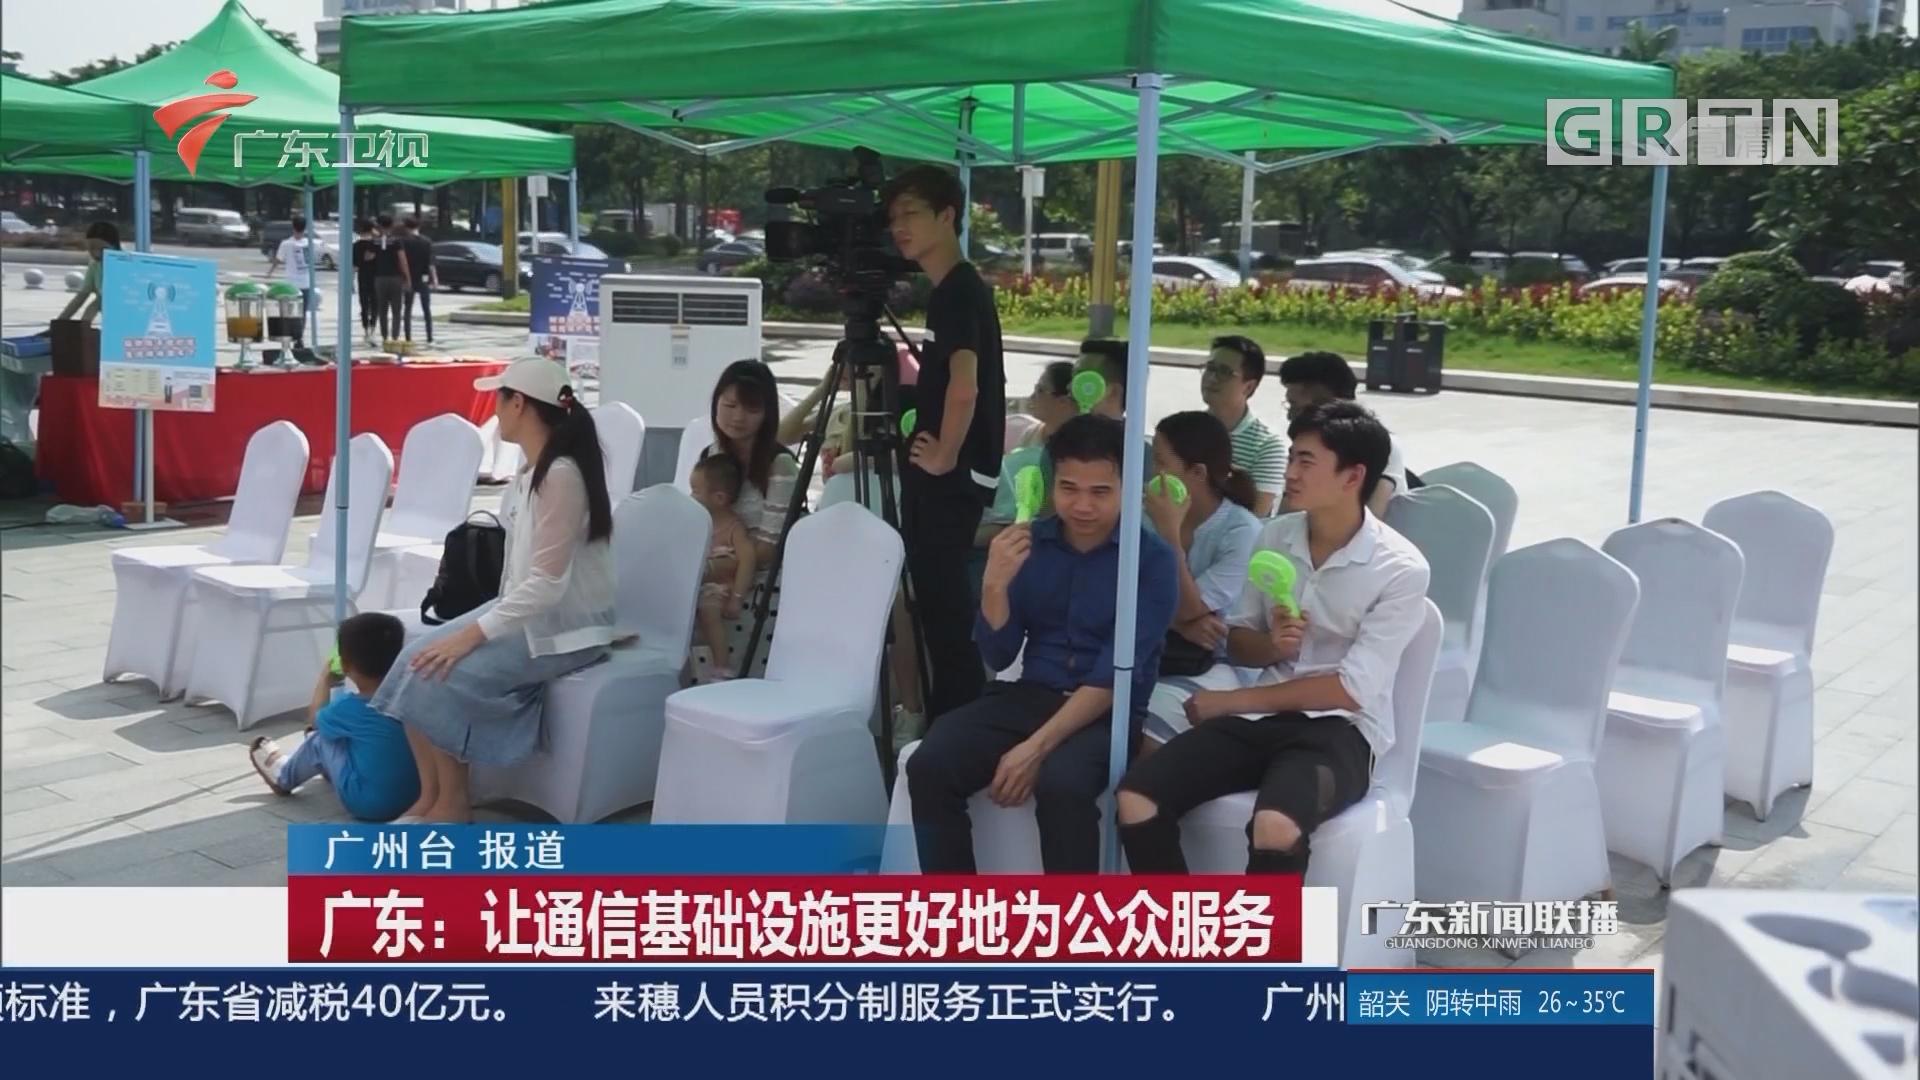 广东:让通信基础设施更好地为公众服务